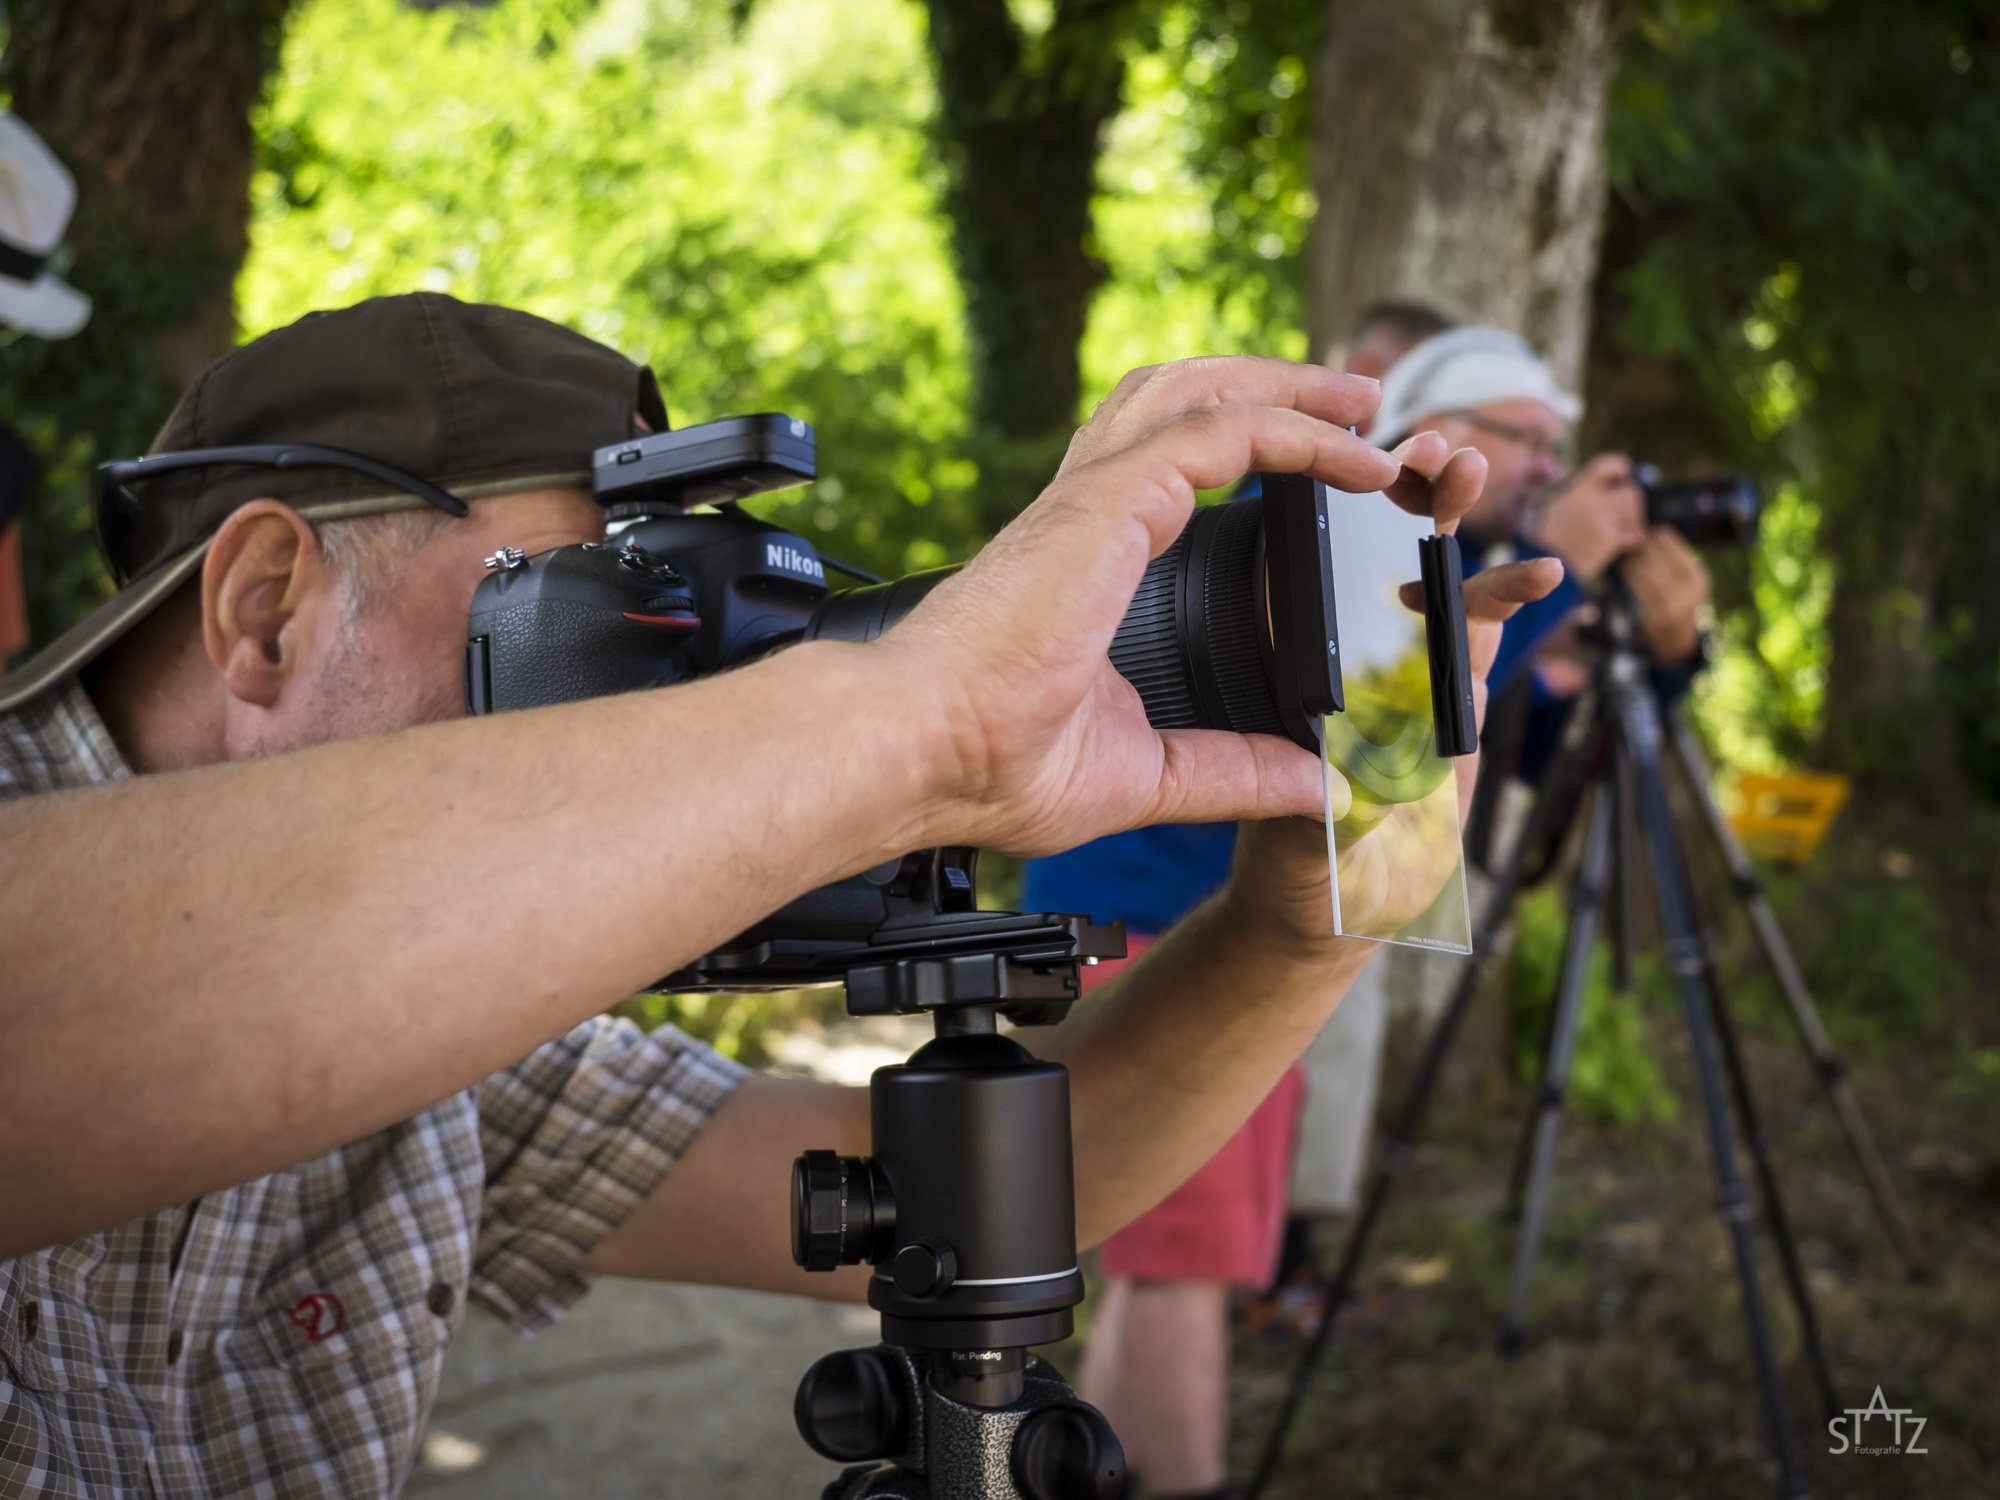 Landschaftsfotografie Filterfotografie fotogena Akademie mit Uwe Statz